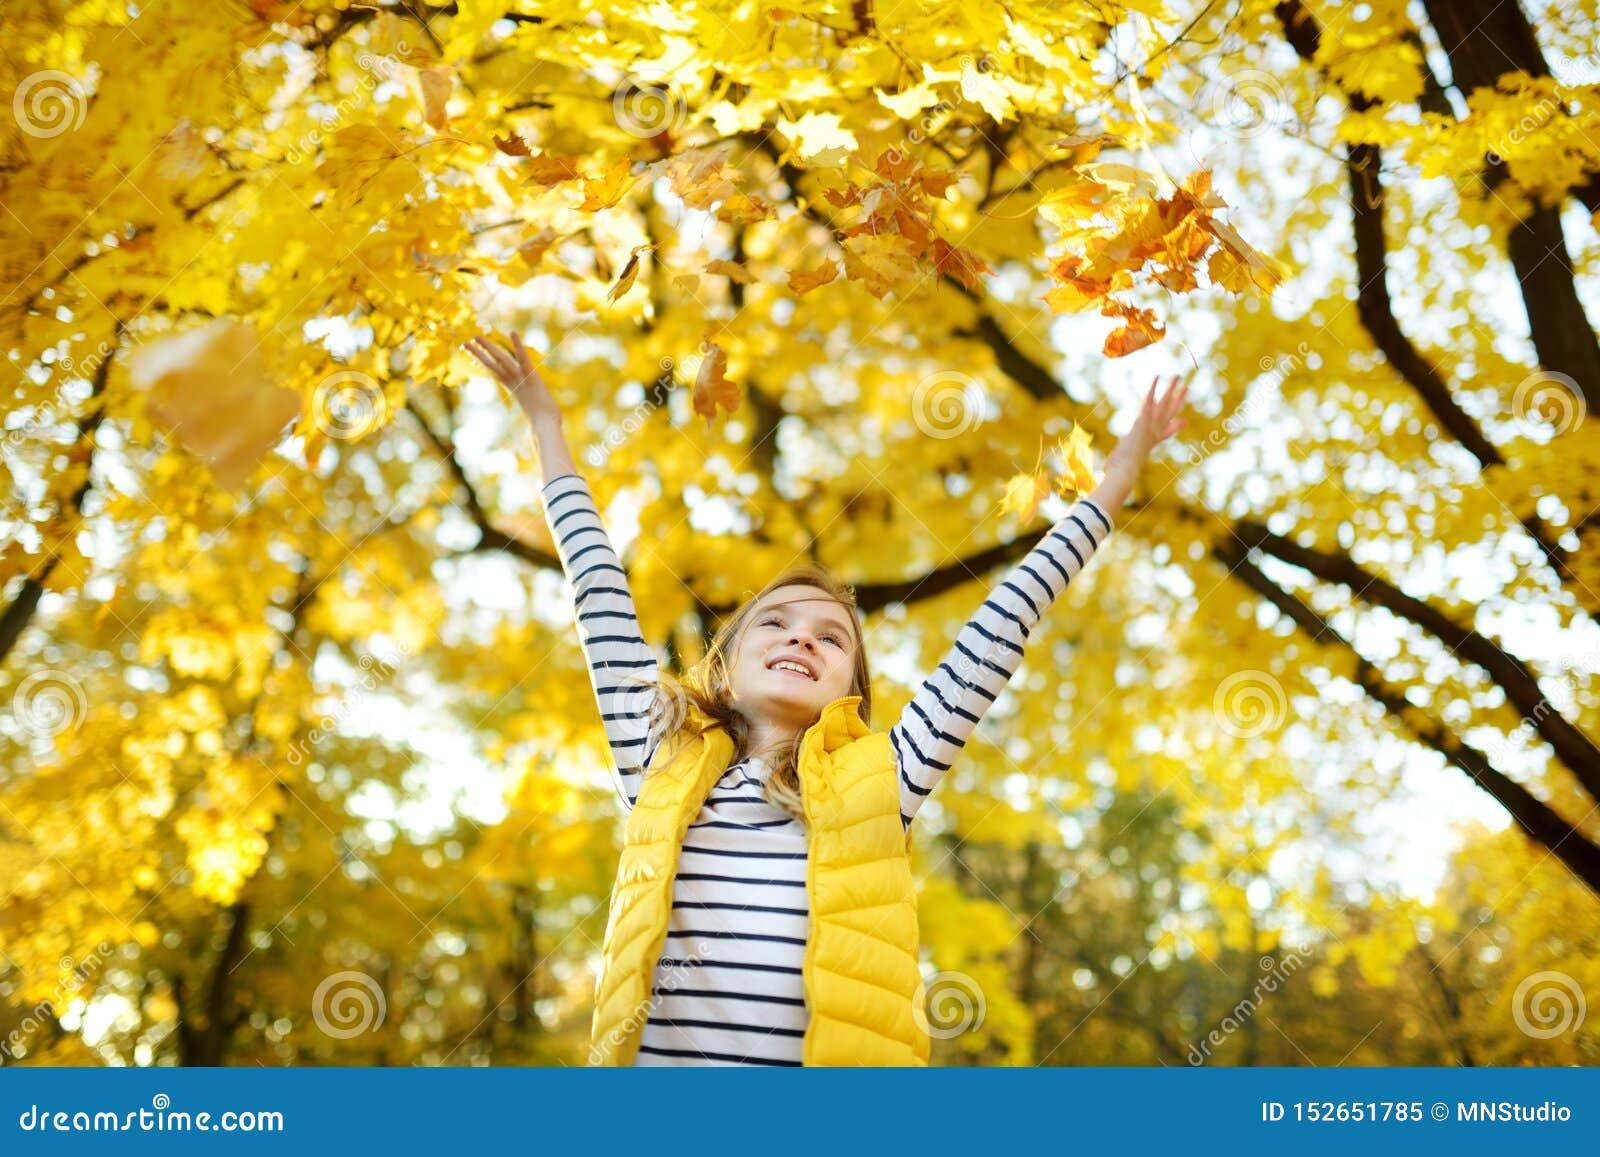 获得可爱的少女乐趣在美好的秋天天 使用在秋天公园的愉快的孩子 孩子汇聚黄色秋叶